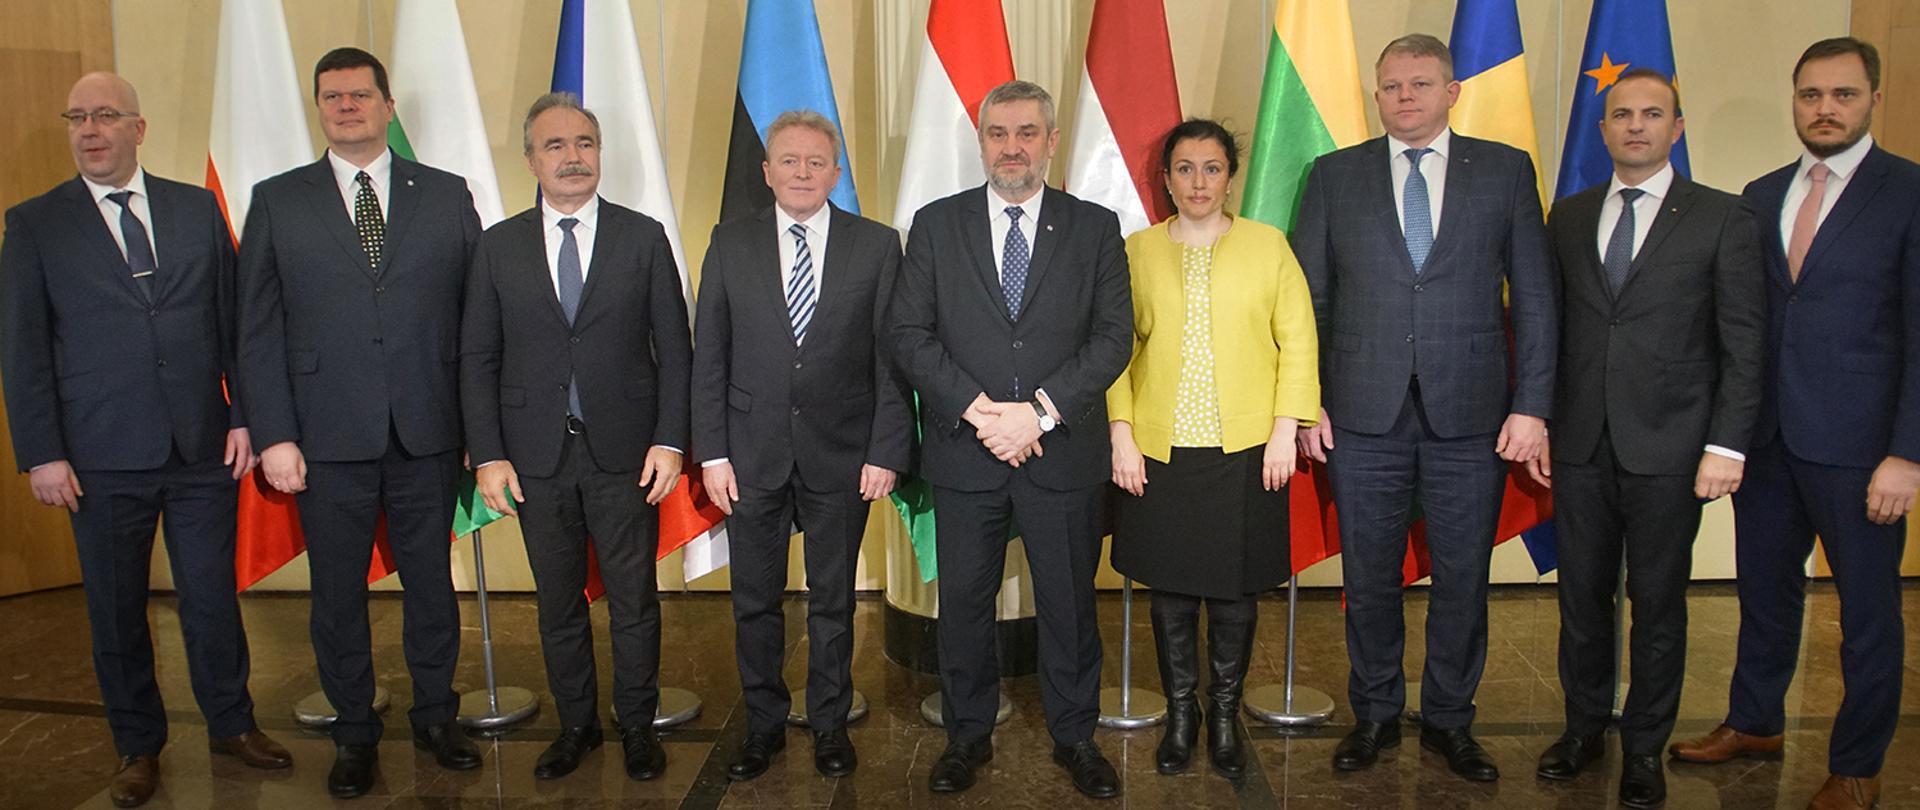 Wyrównanie dopłat dla rolników – wokół Polski formułuje się europejska koalicja